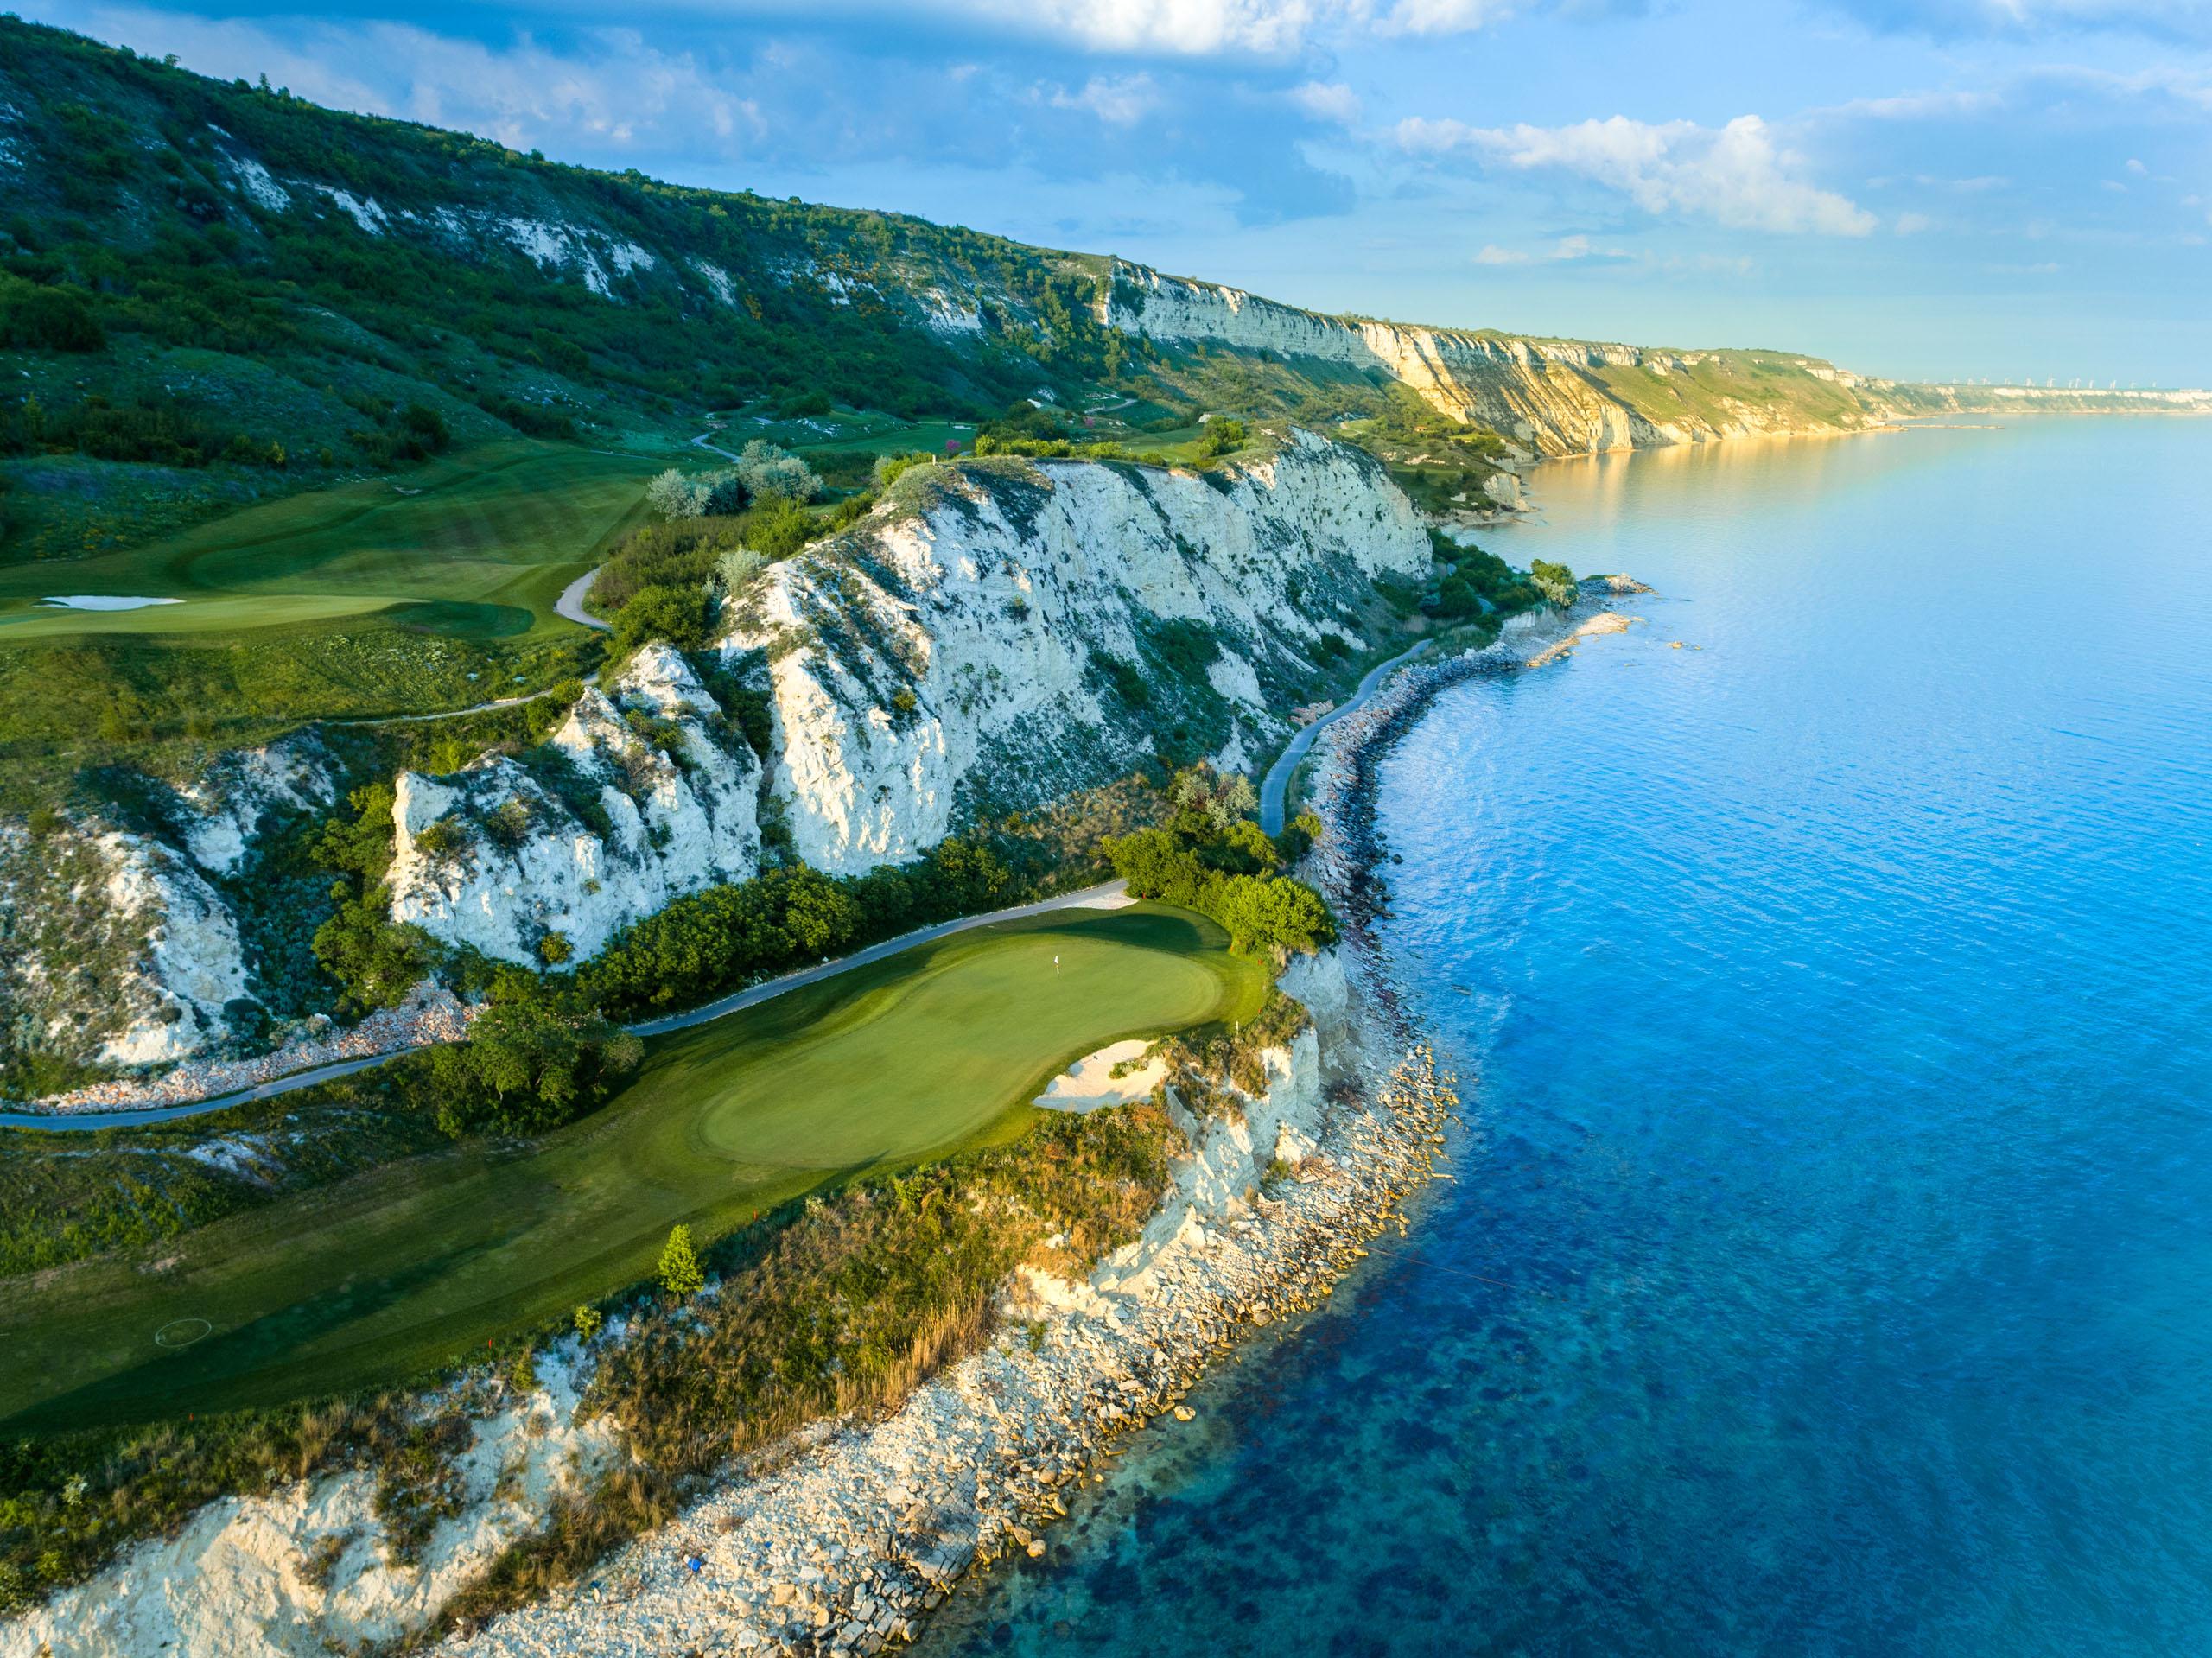 Thracian Cliffs Golf & Beach Resort, No. 7